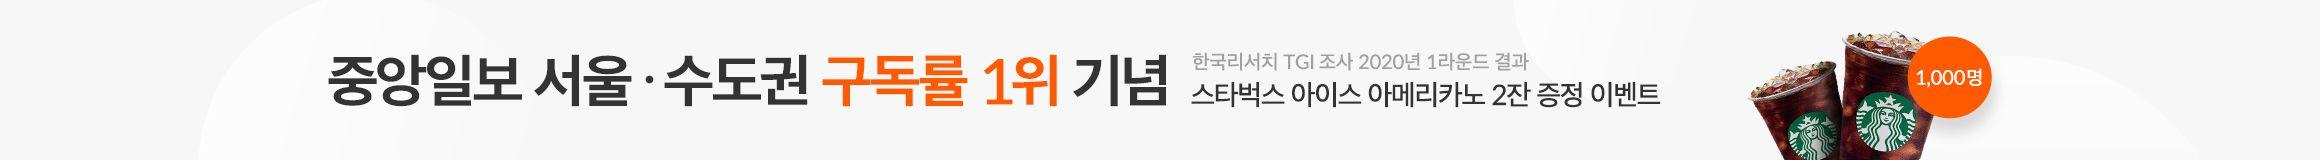 중앙일보 서울·수도권 신문 구독률 조사 1위